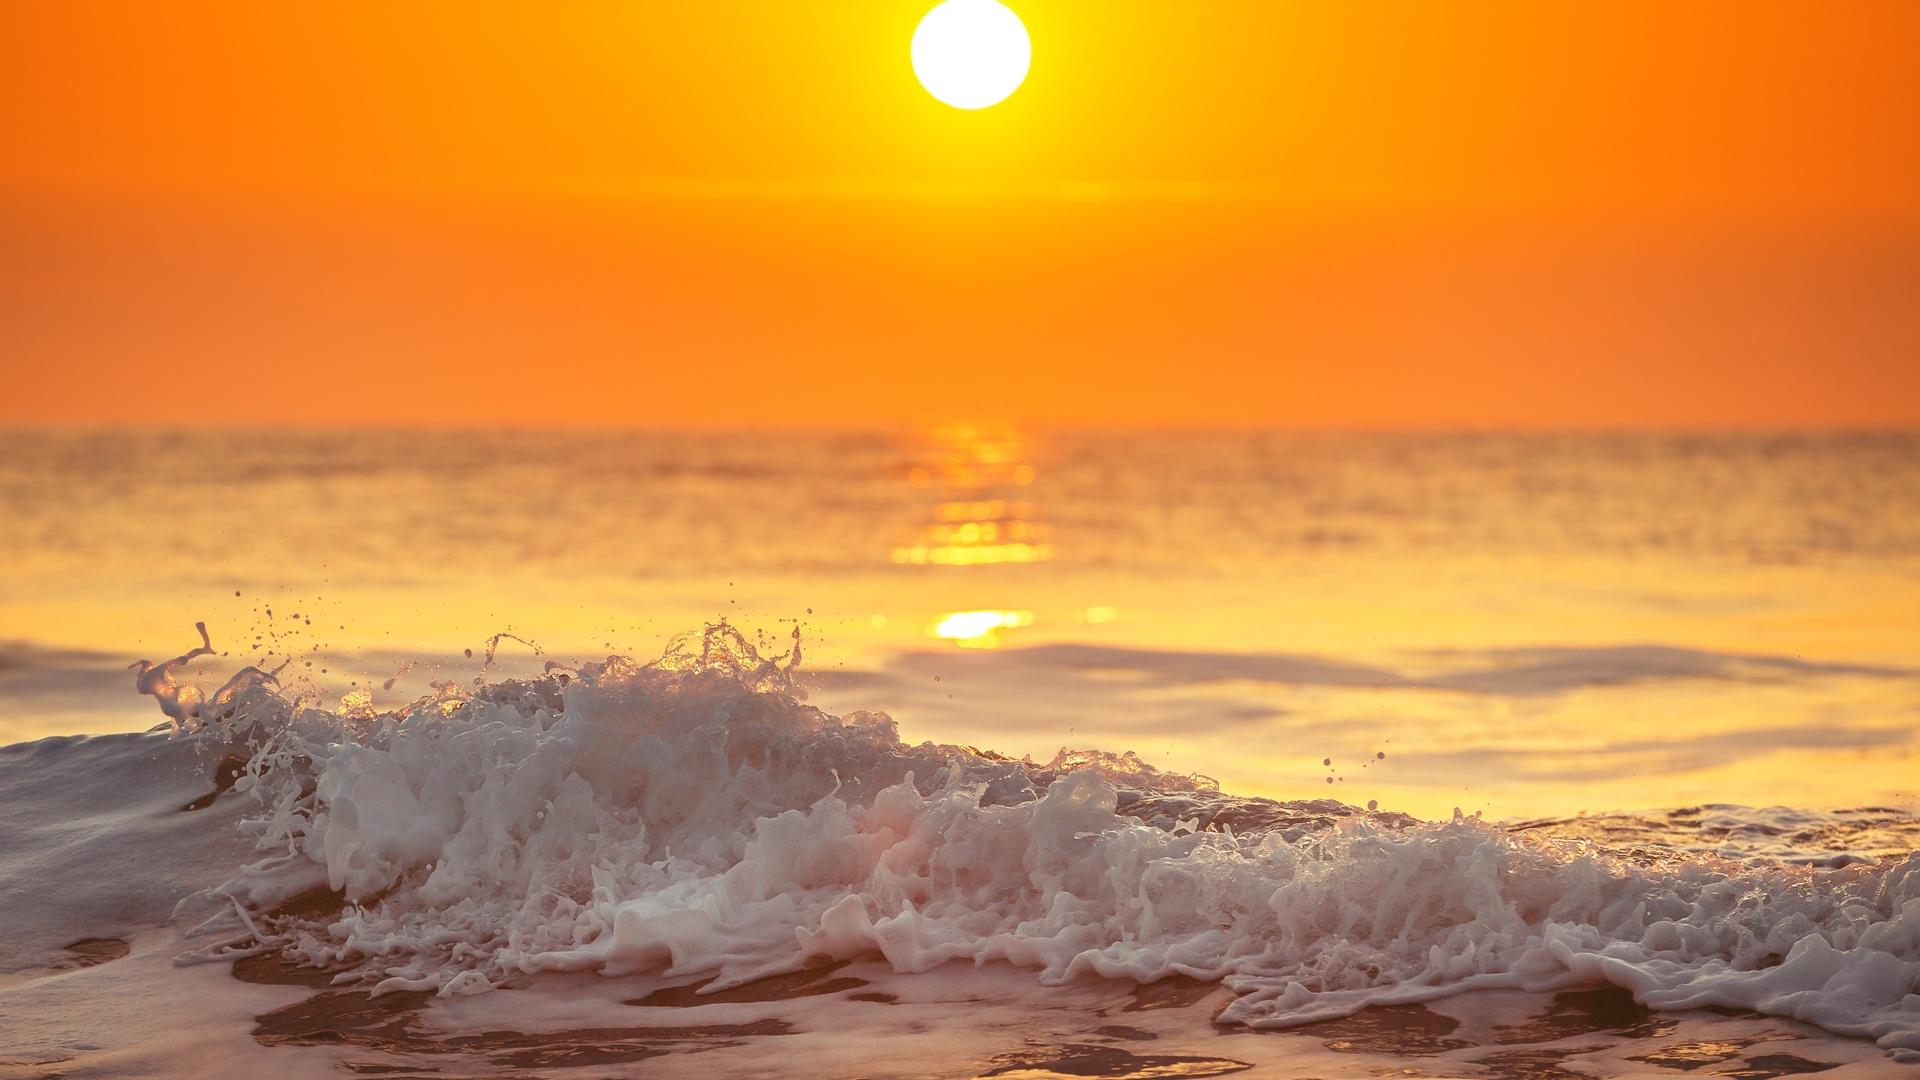 рассвет над морем картинки